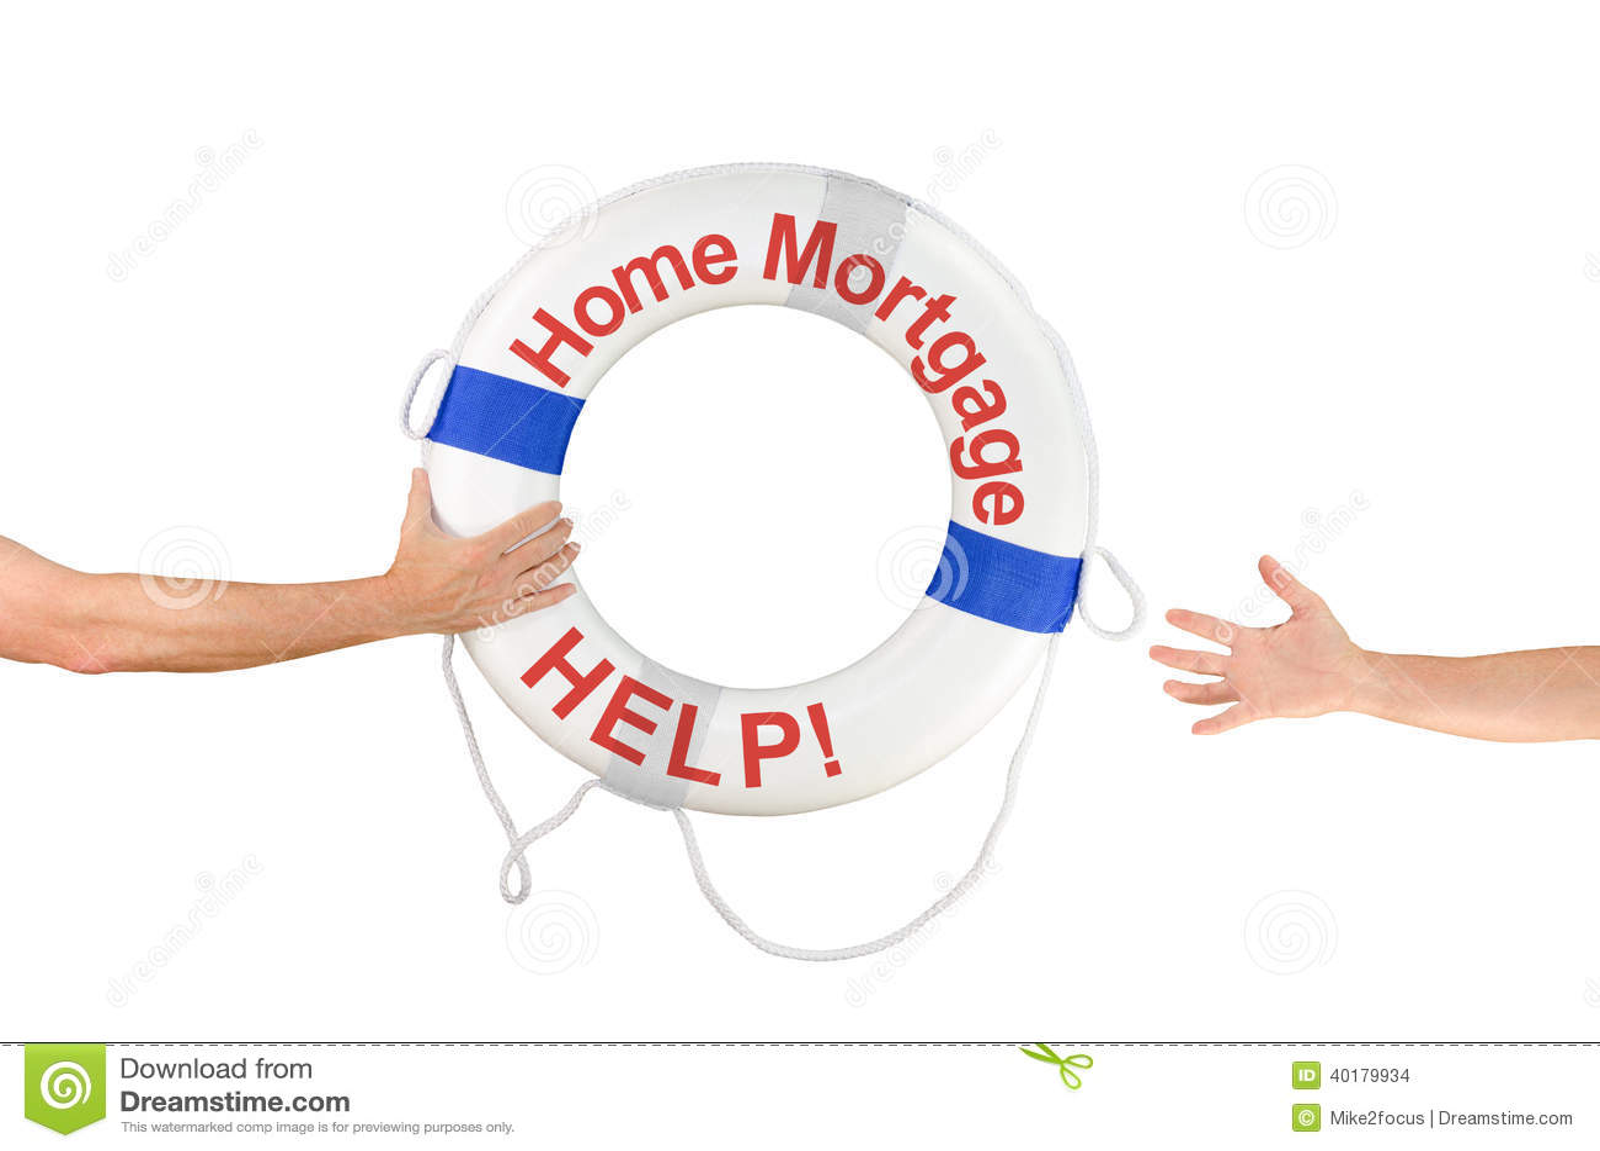 房屋贷款财务帮助救生圈圆环